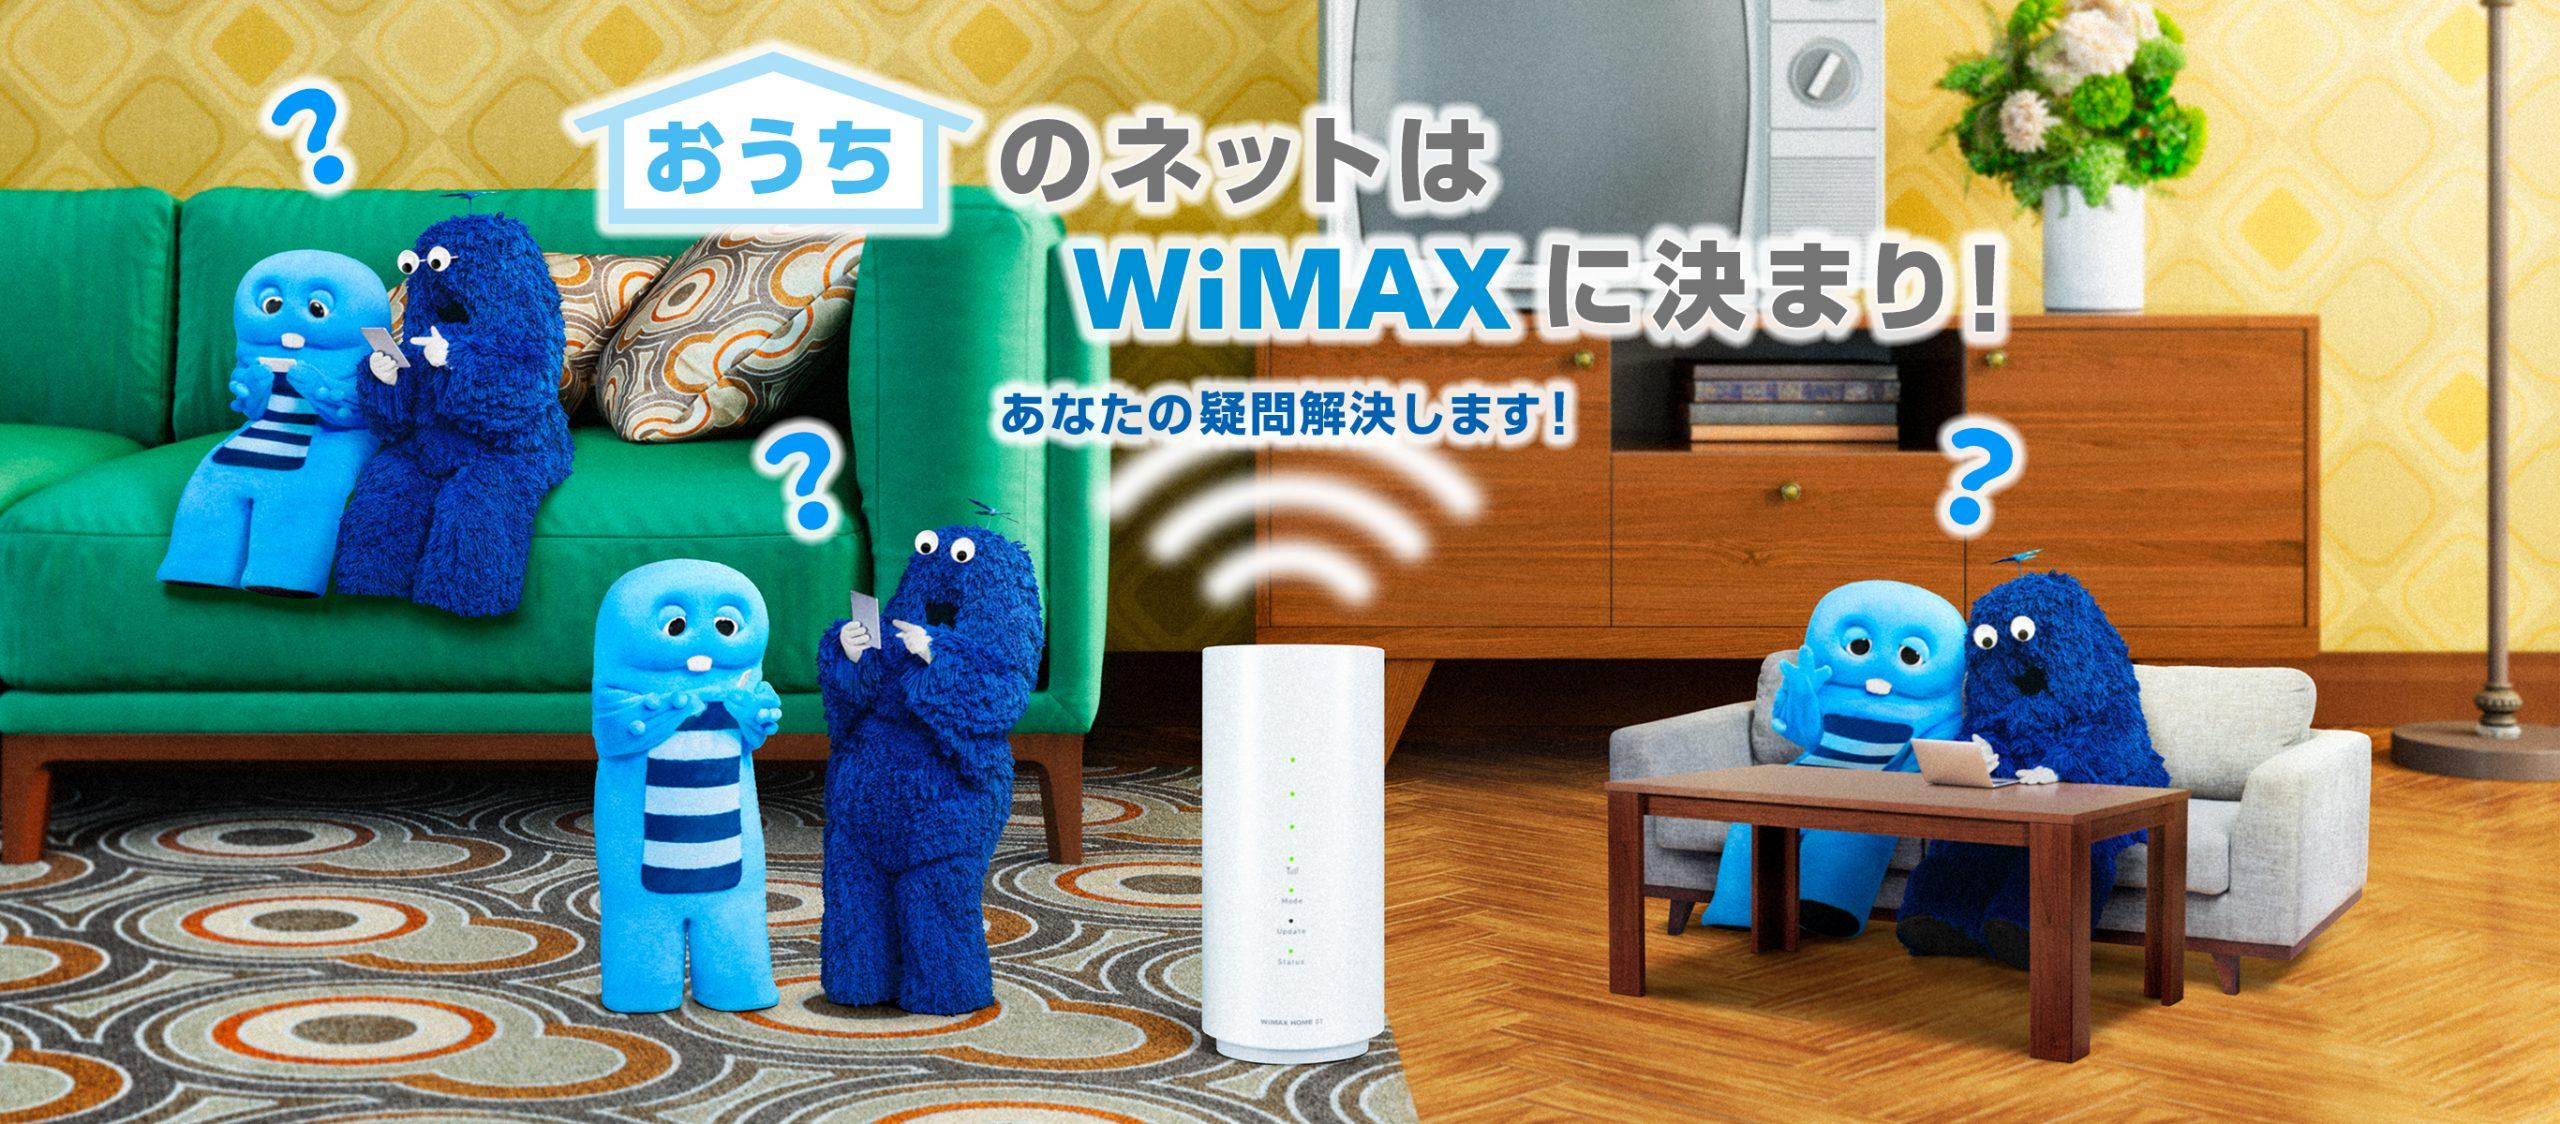 おうちのネットはWiMAXに決まり